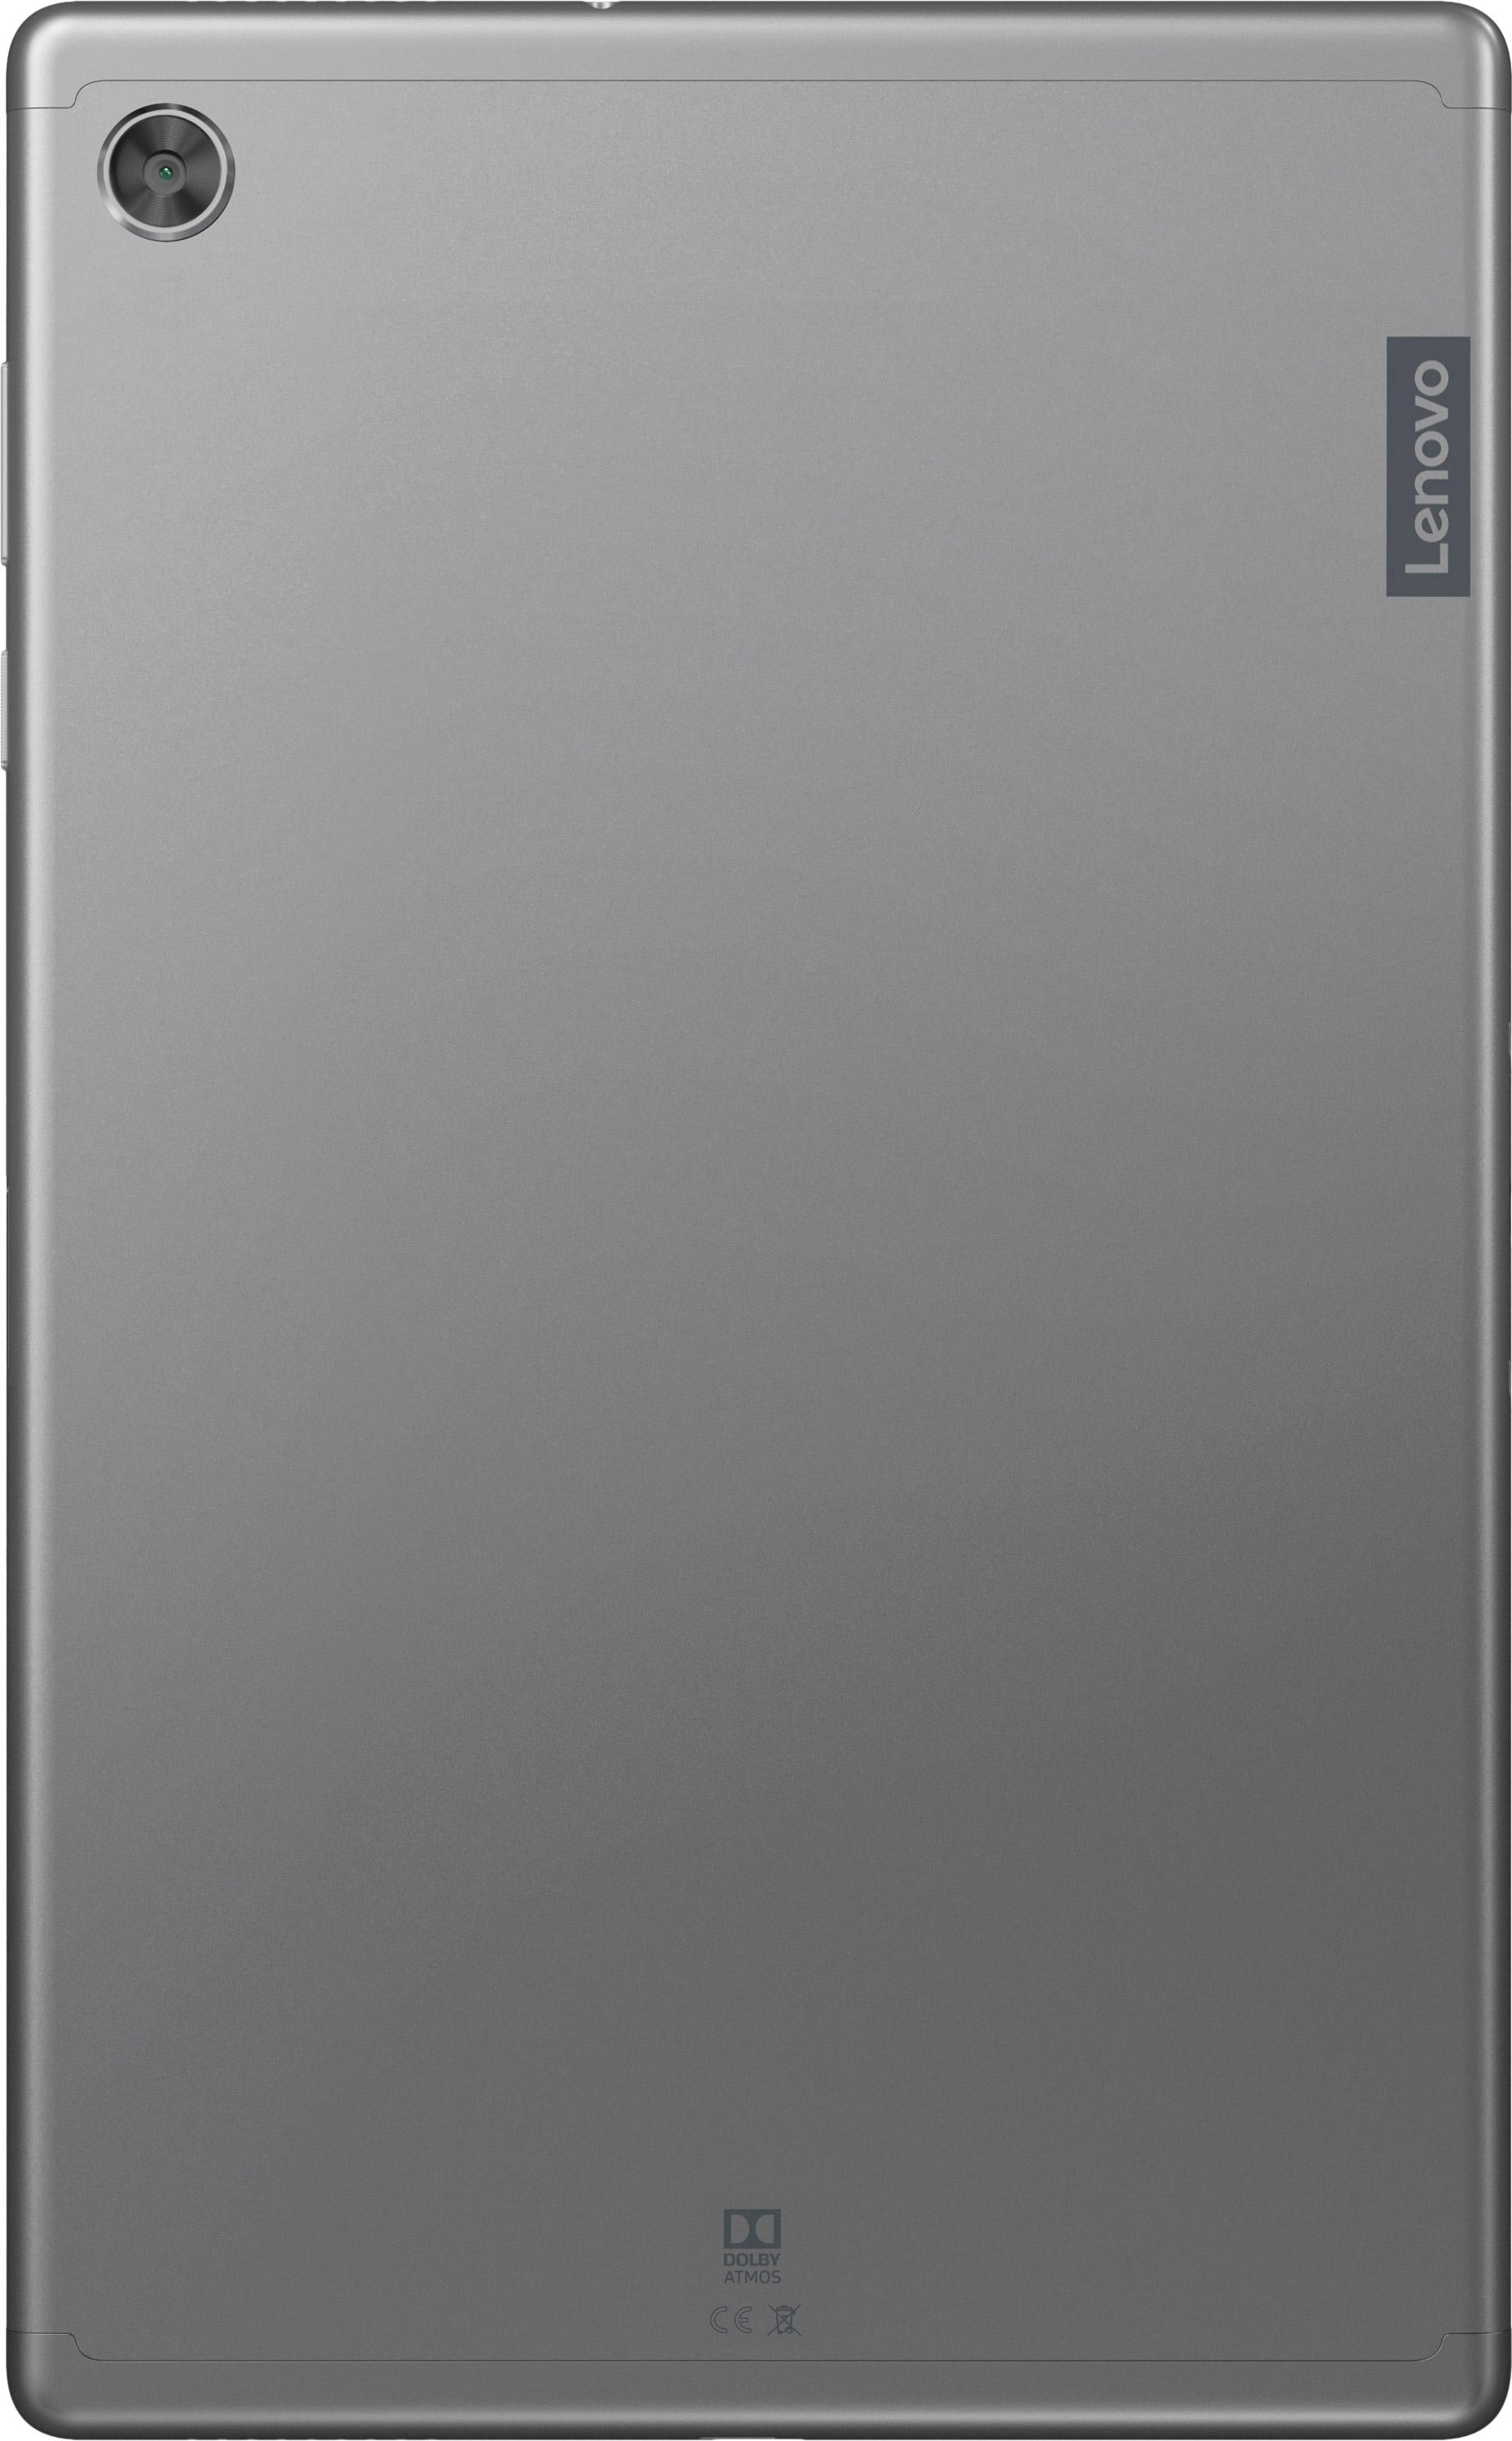 Планшет Lenovo Tab M10 HD (2nd Gen) Wi-Fi 32GB Iron Grey (ZA6W0015UA) Оперативная память, Мб 2048